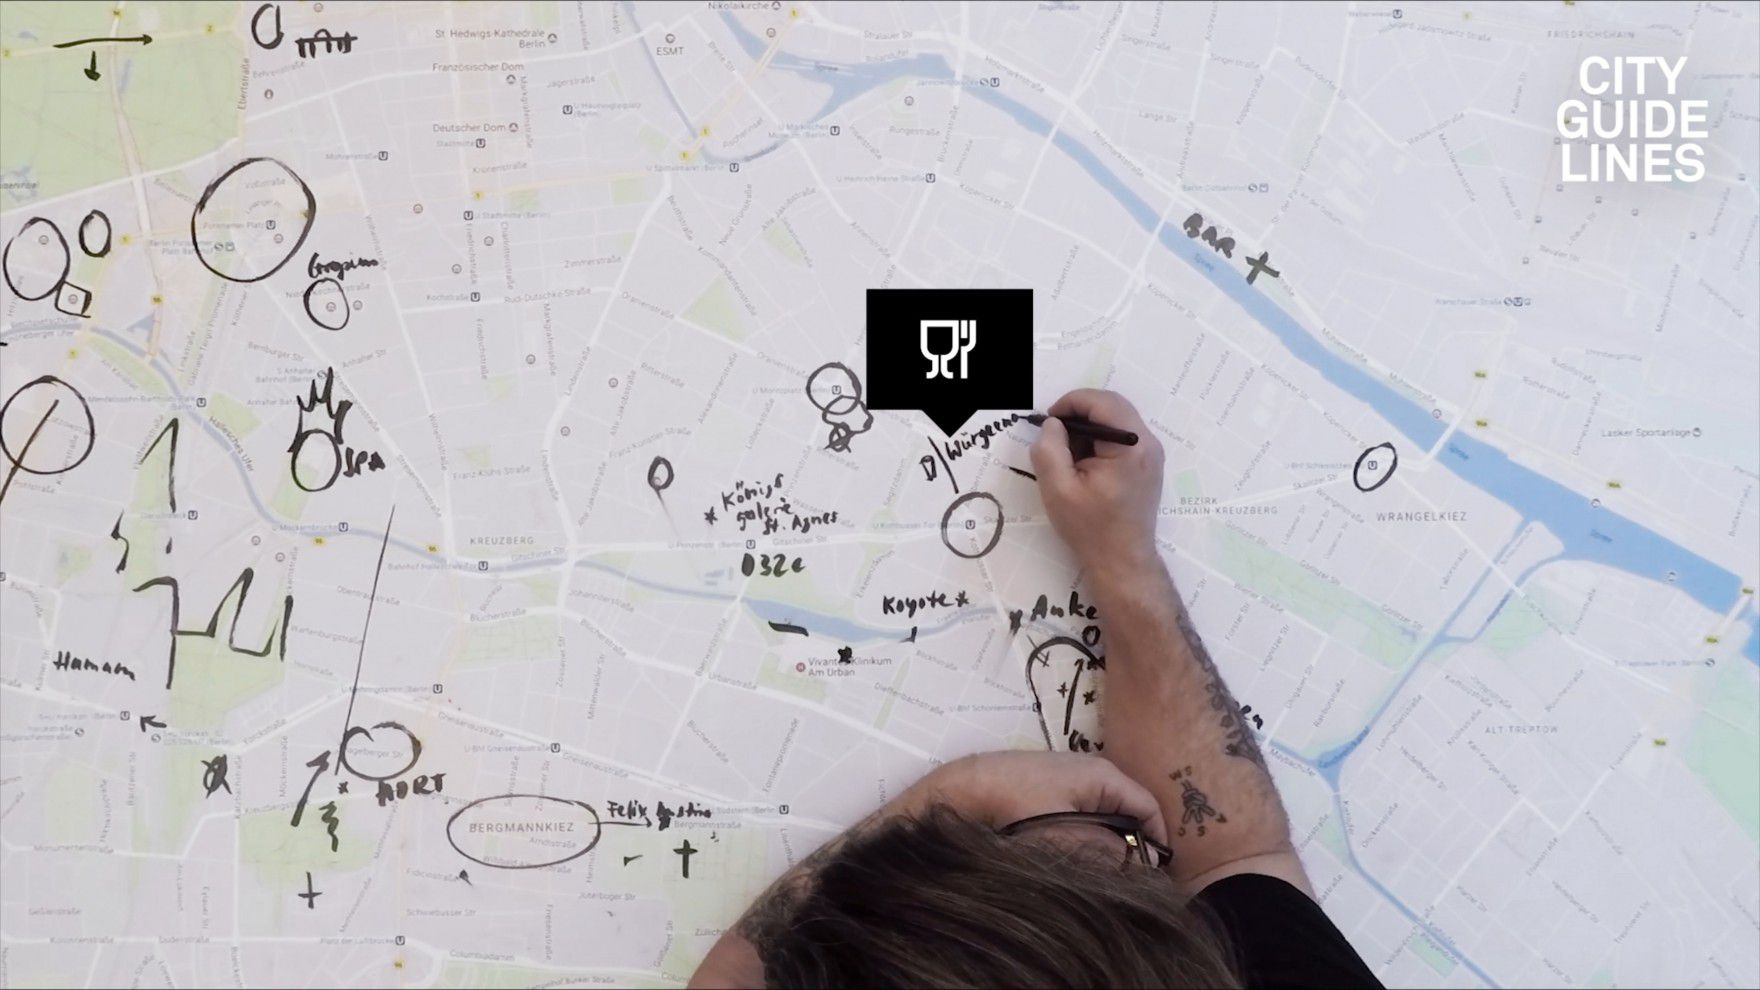 cityguidelines-berlin-eikekoenig-map